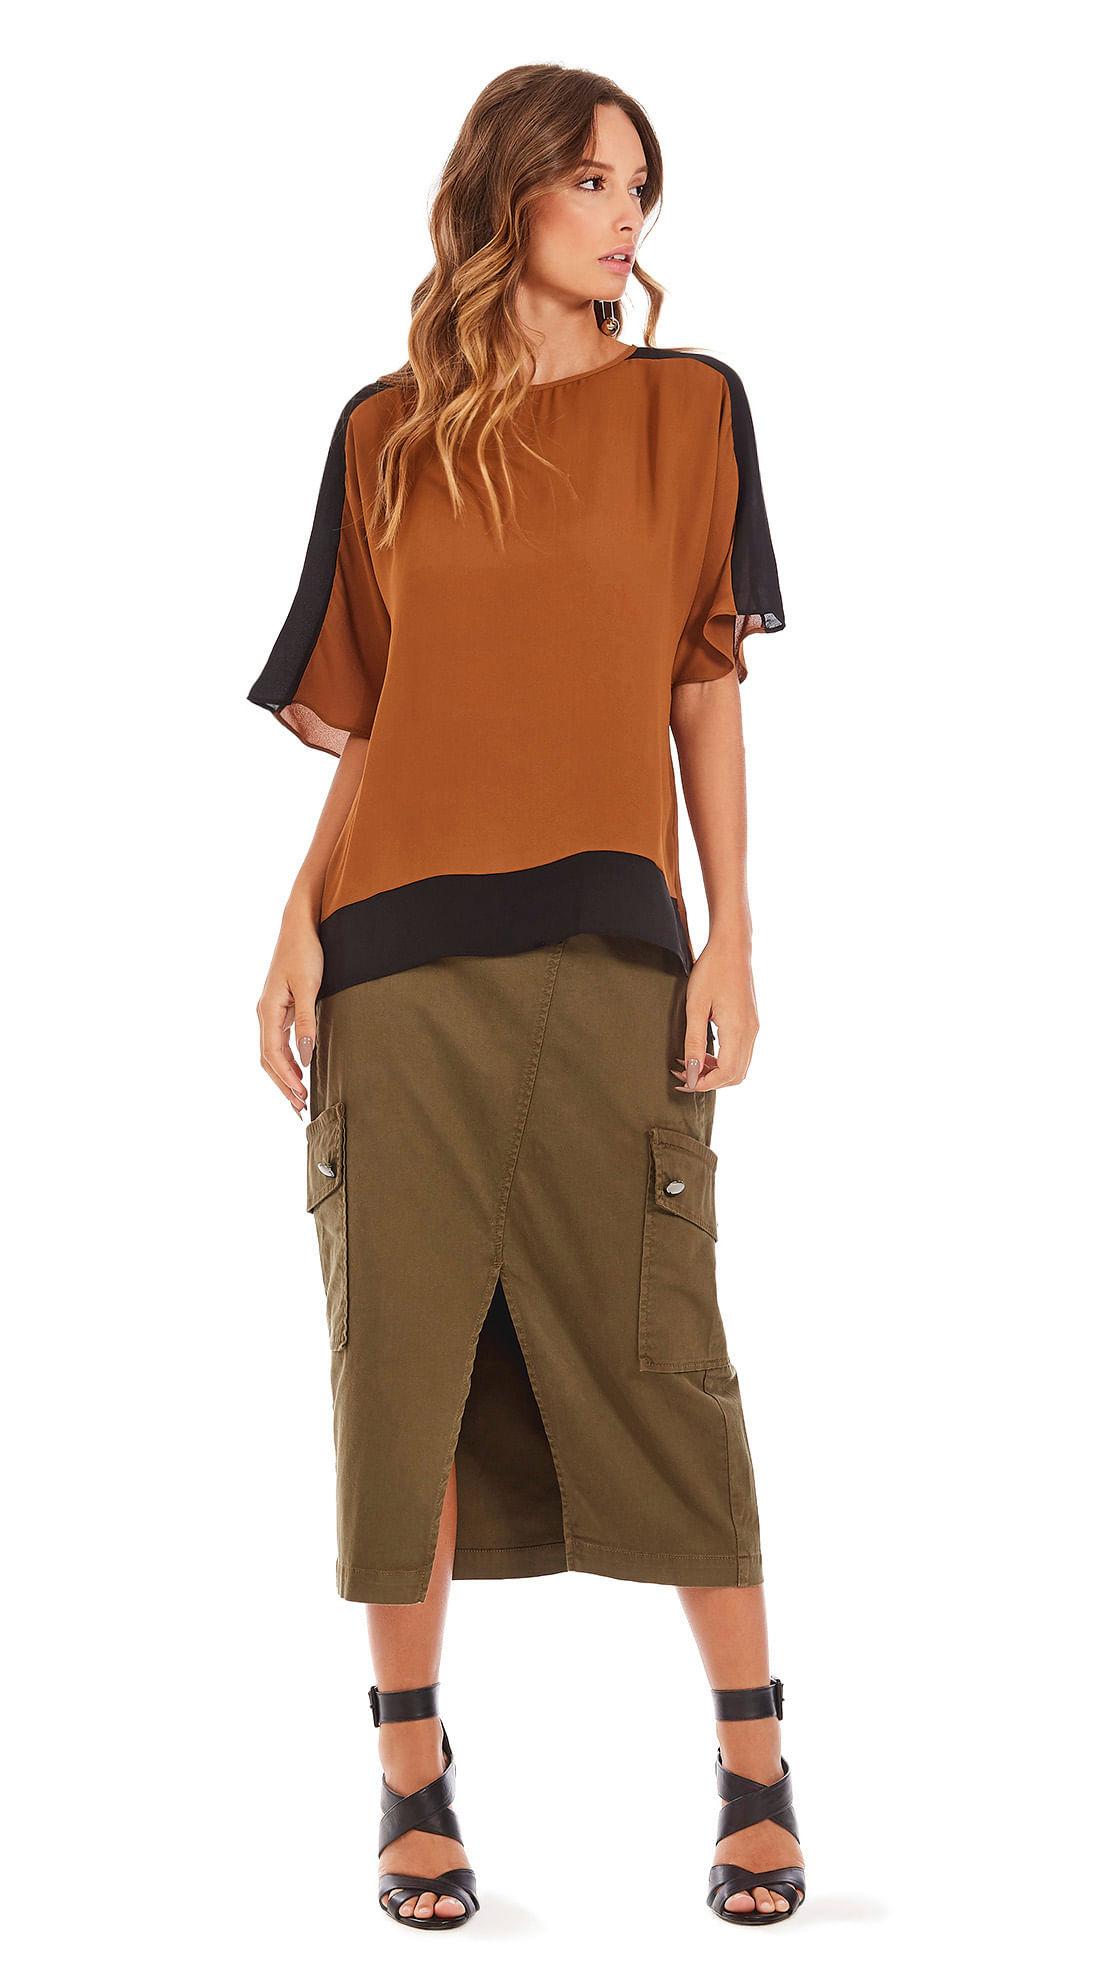 a1a7a45ae6 Blusa Decote Redondo Manga Curta Com Recorte Camel Preto - morenarosa